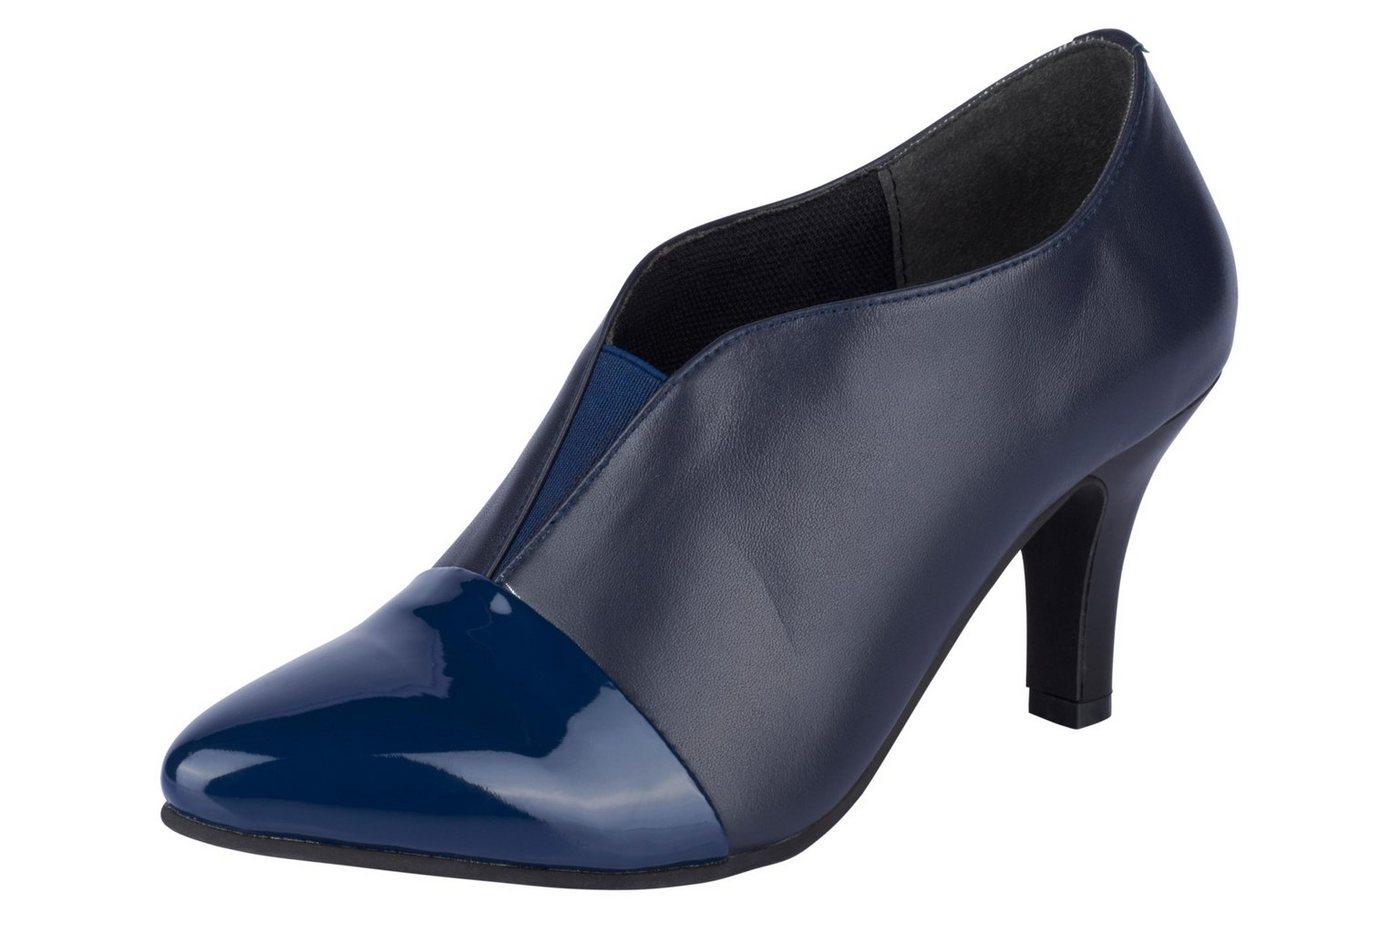 Andrea Conti Hochfrontpumps im Materialmix | Schuhe > Pumps > Hochfrontpumps | Blau | Leder - Ca | Andrea Conti